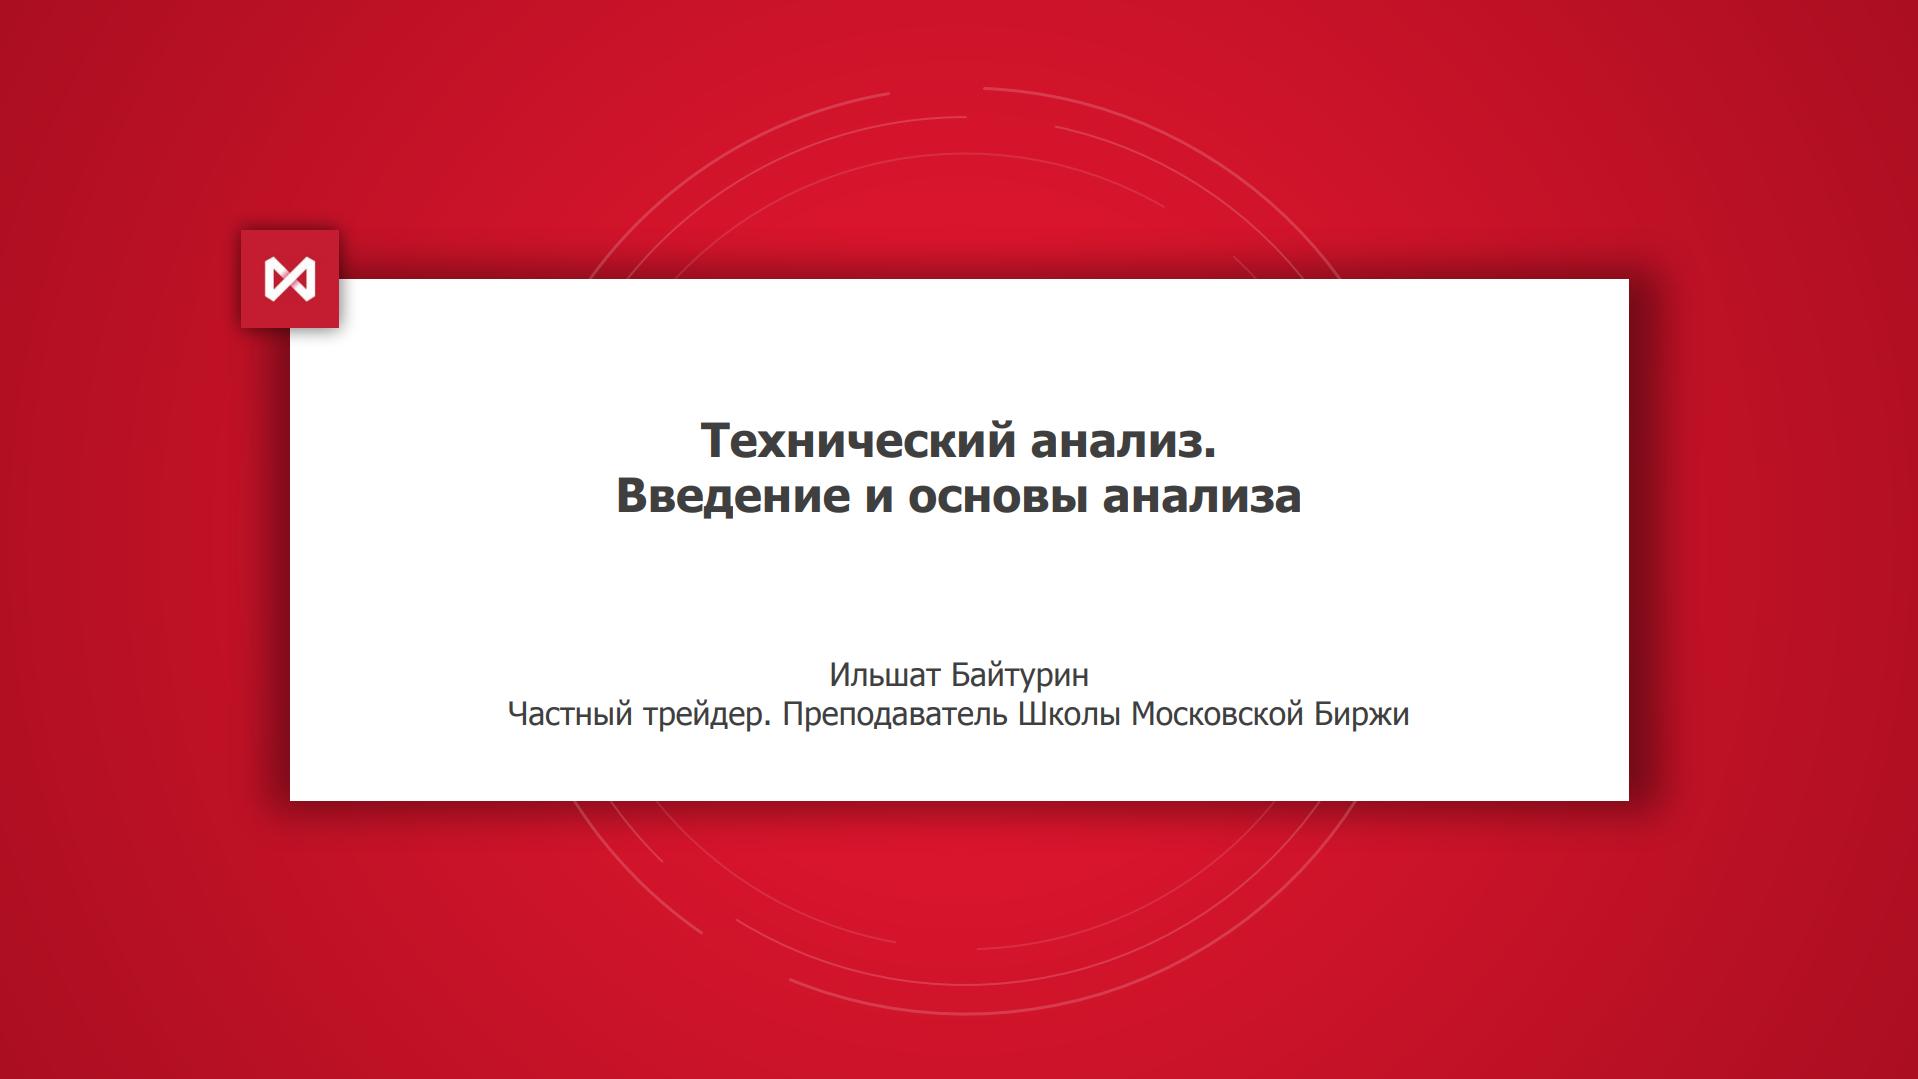 2020 09 08 19 09 18 Vvedenie v TA.pdf Google Chrome